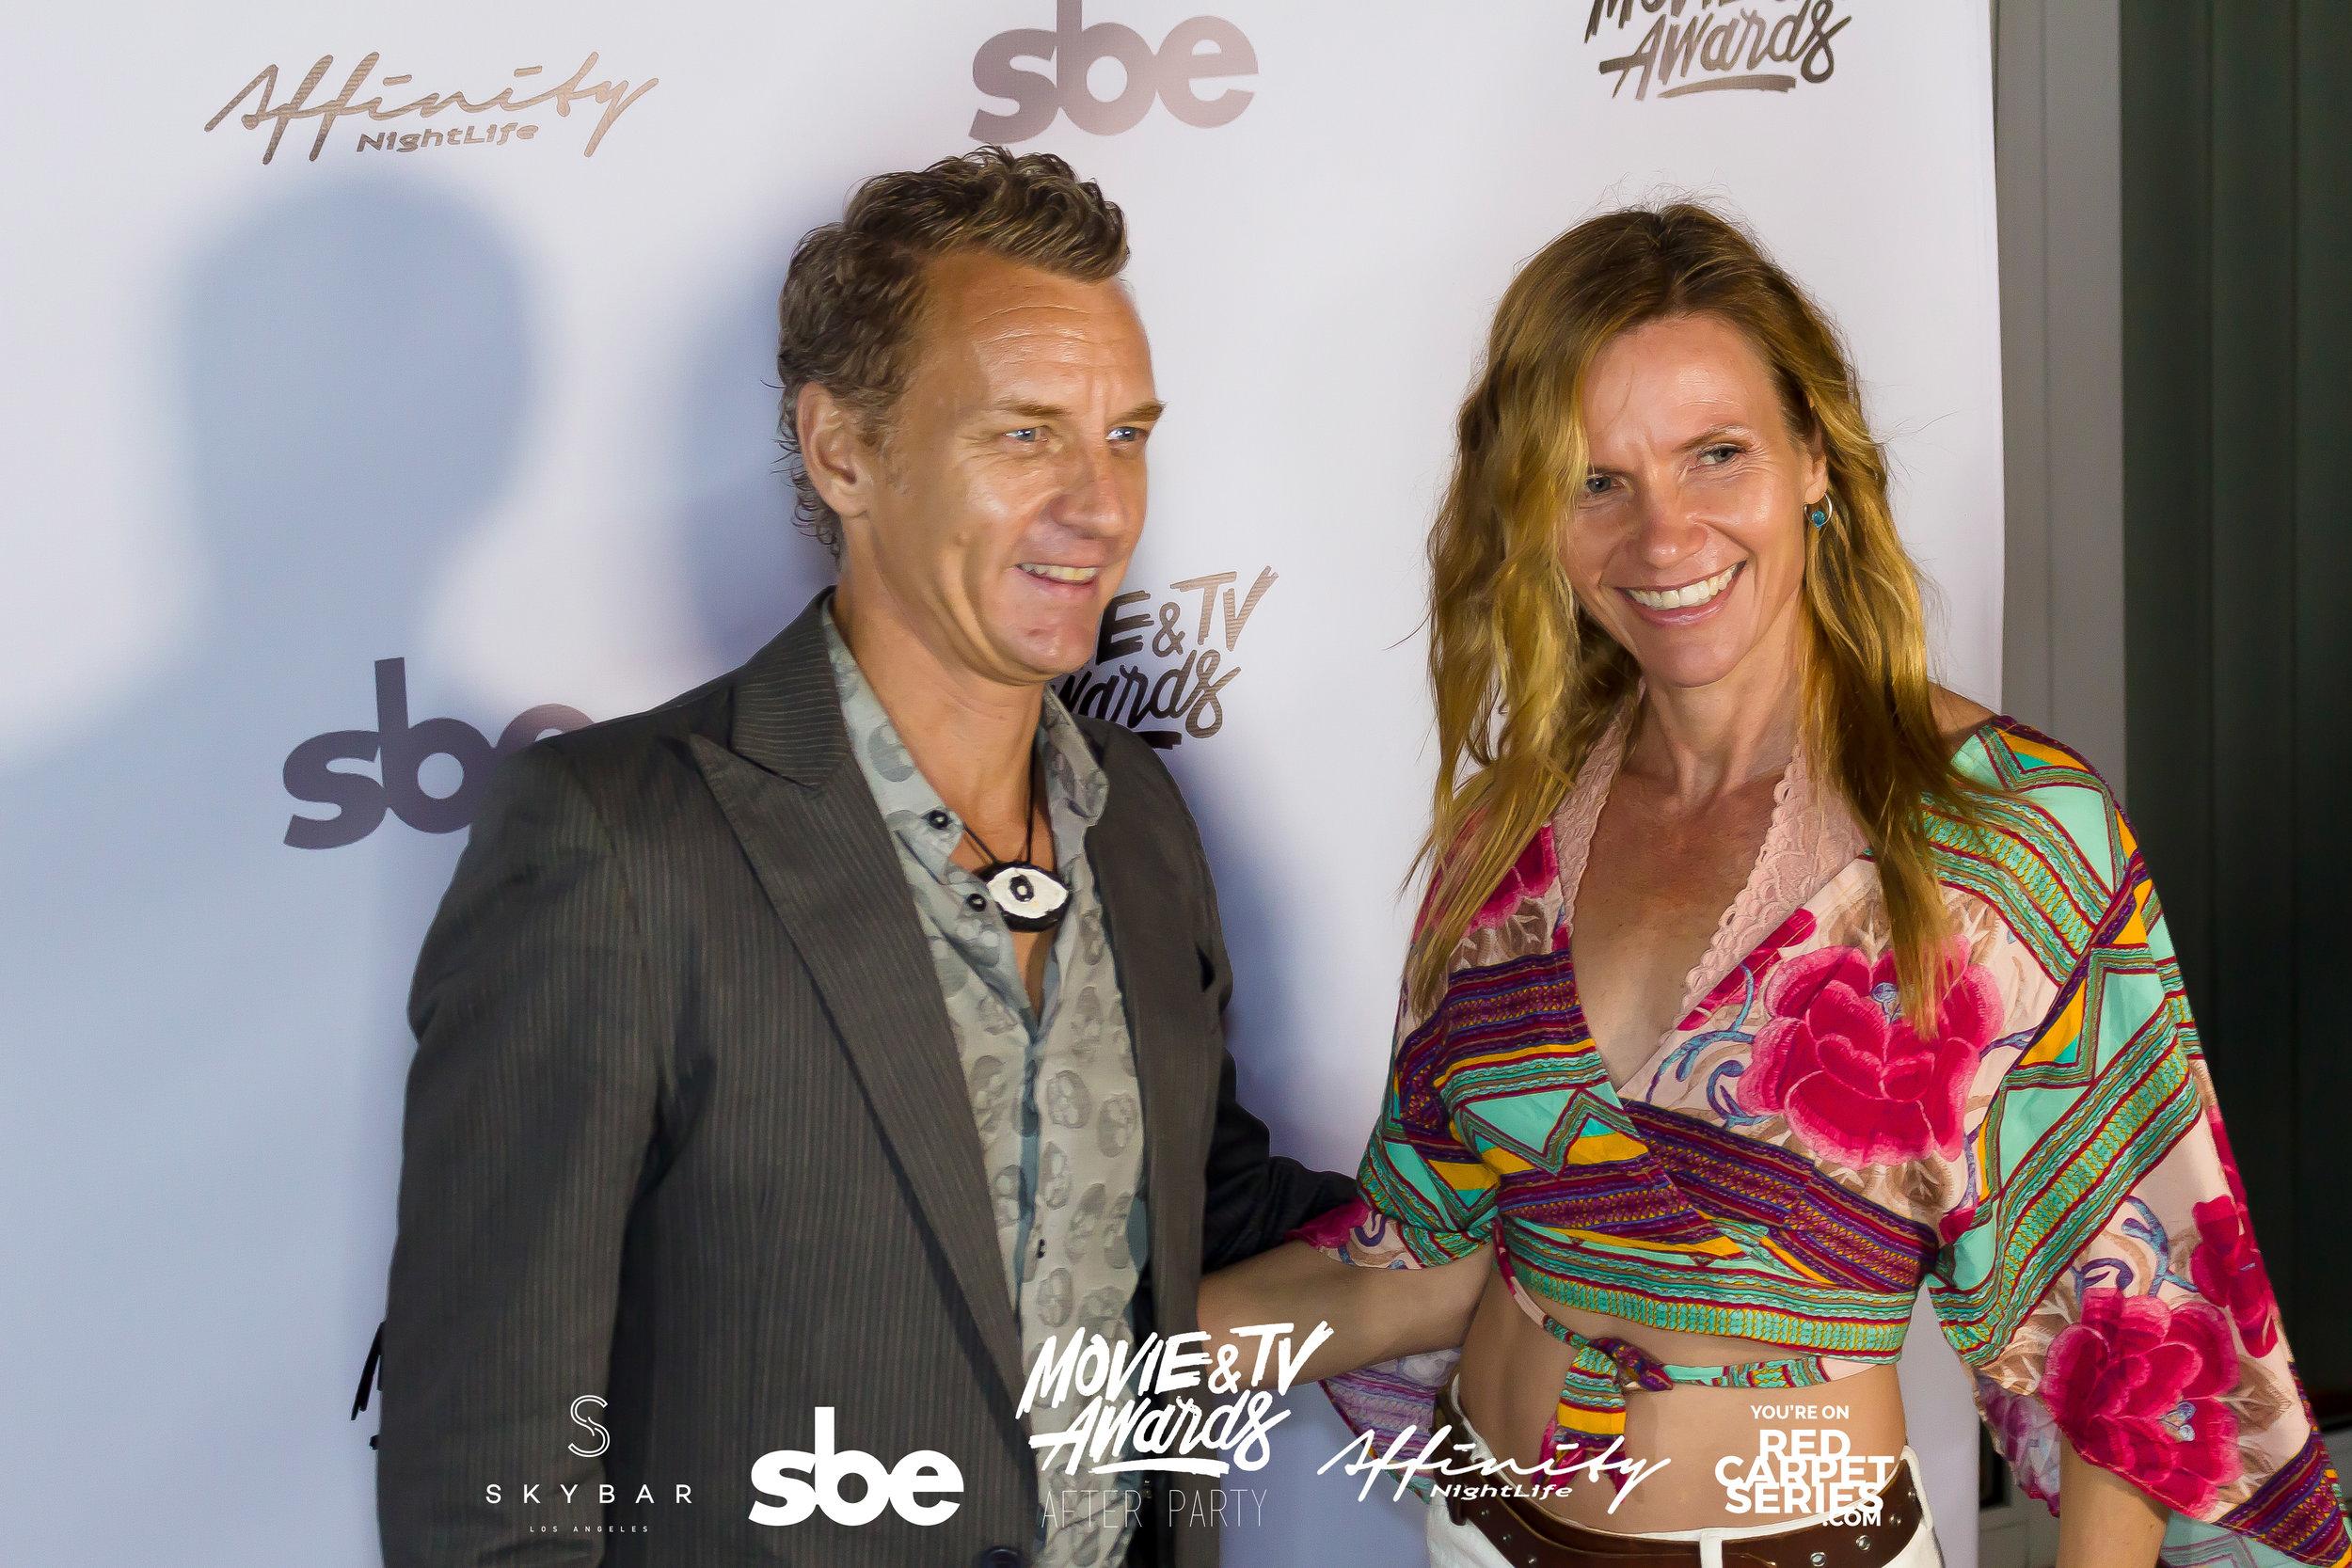 Affinity Nightlife MTV Movie & TV Awards After Party - Skybar at Mondrian - 06-15-19 - Vol. 2_41.jpg